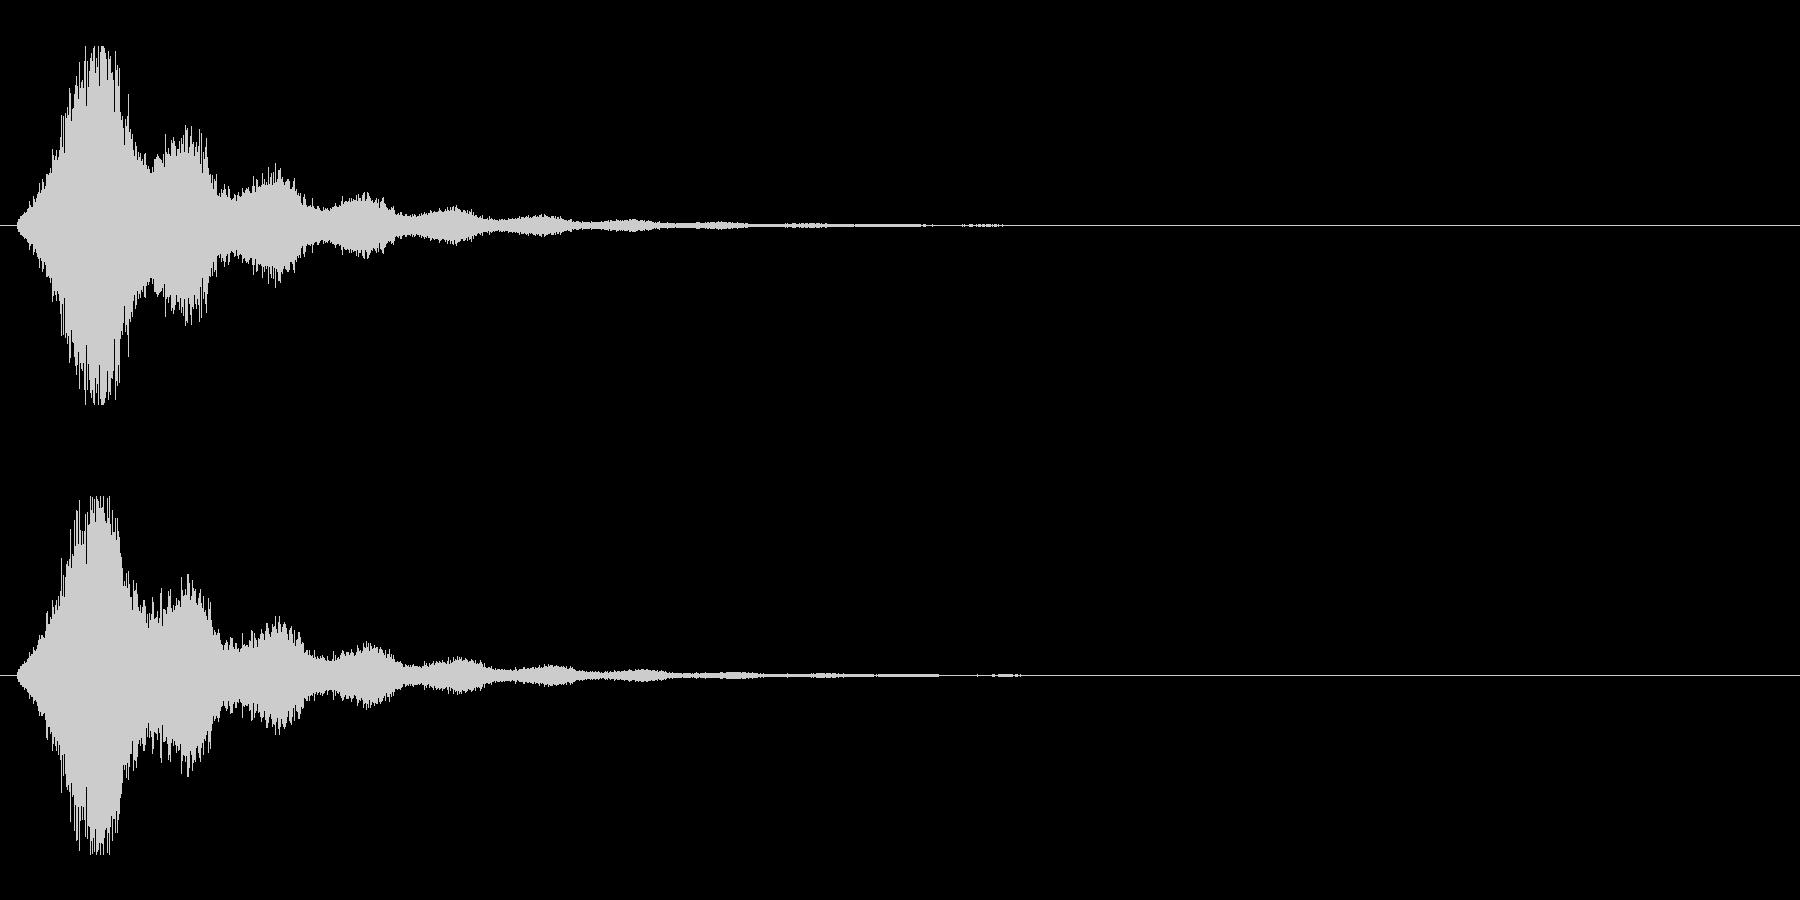 レーザー音-158-2の未再生の波形